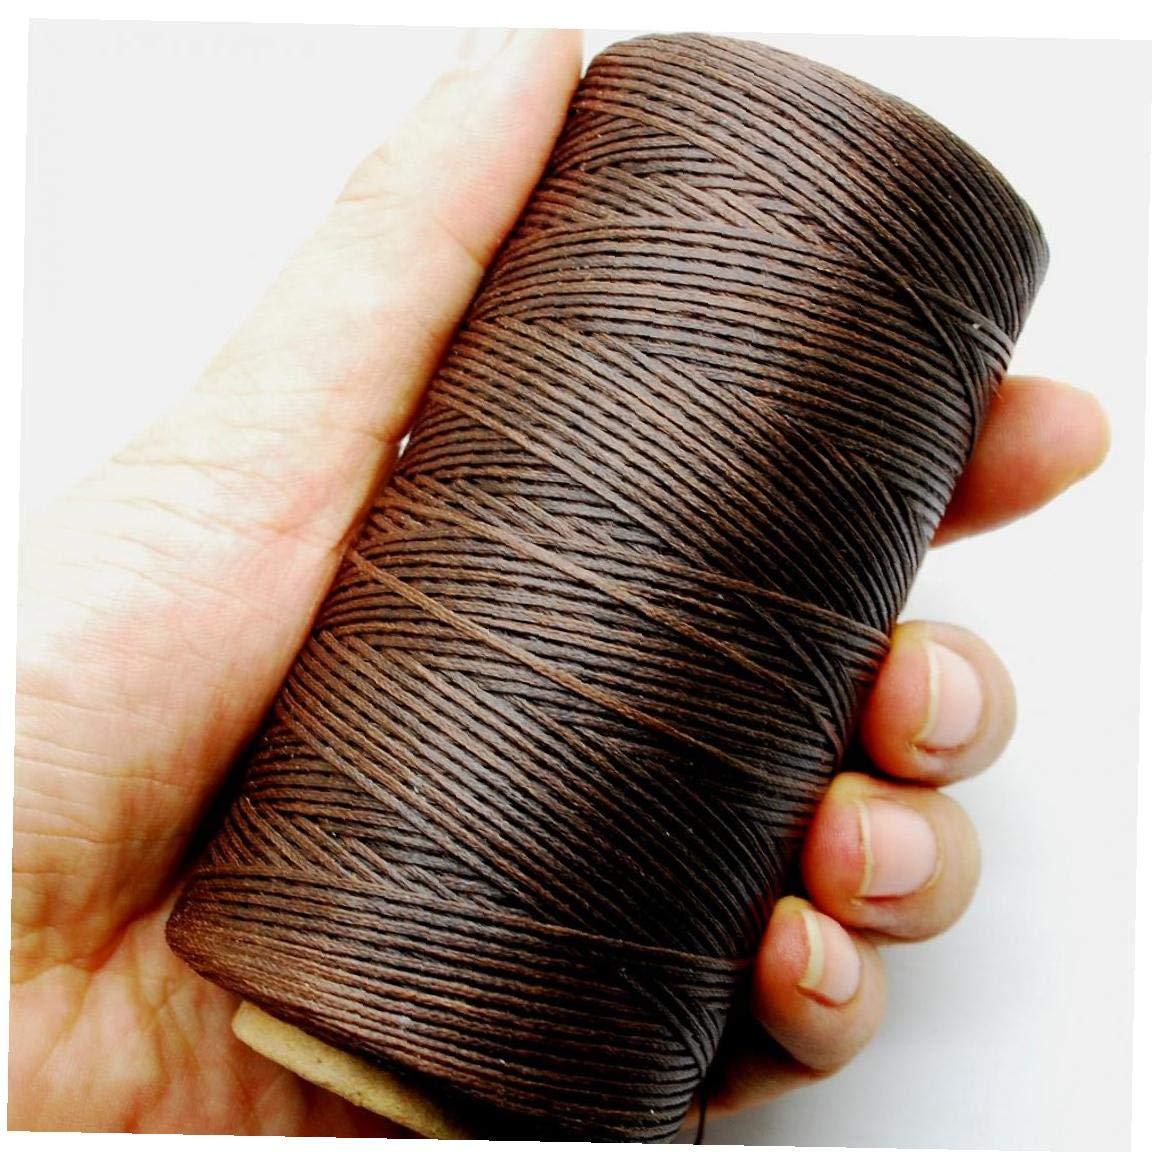 Yinikape 284yrd Profunda de Costura de Cuero marr/ón Hilo Encerado 1mm 150D Mano Costura de Cuero 125g